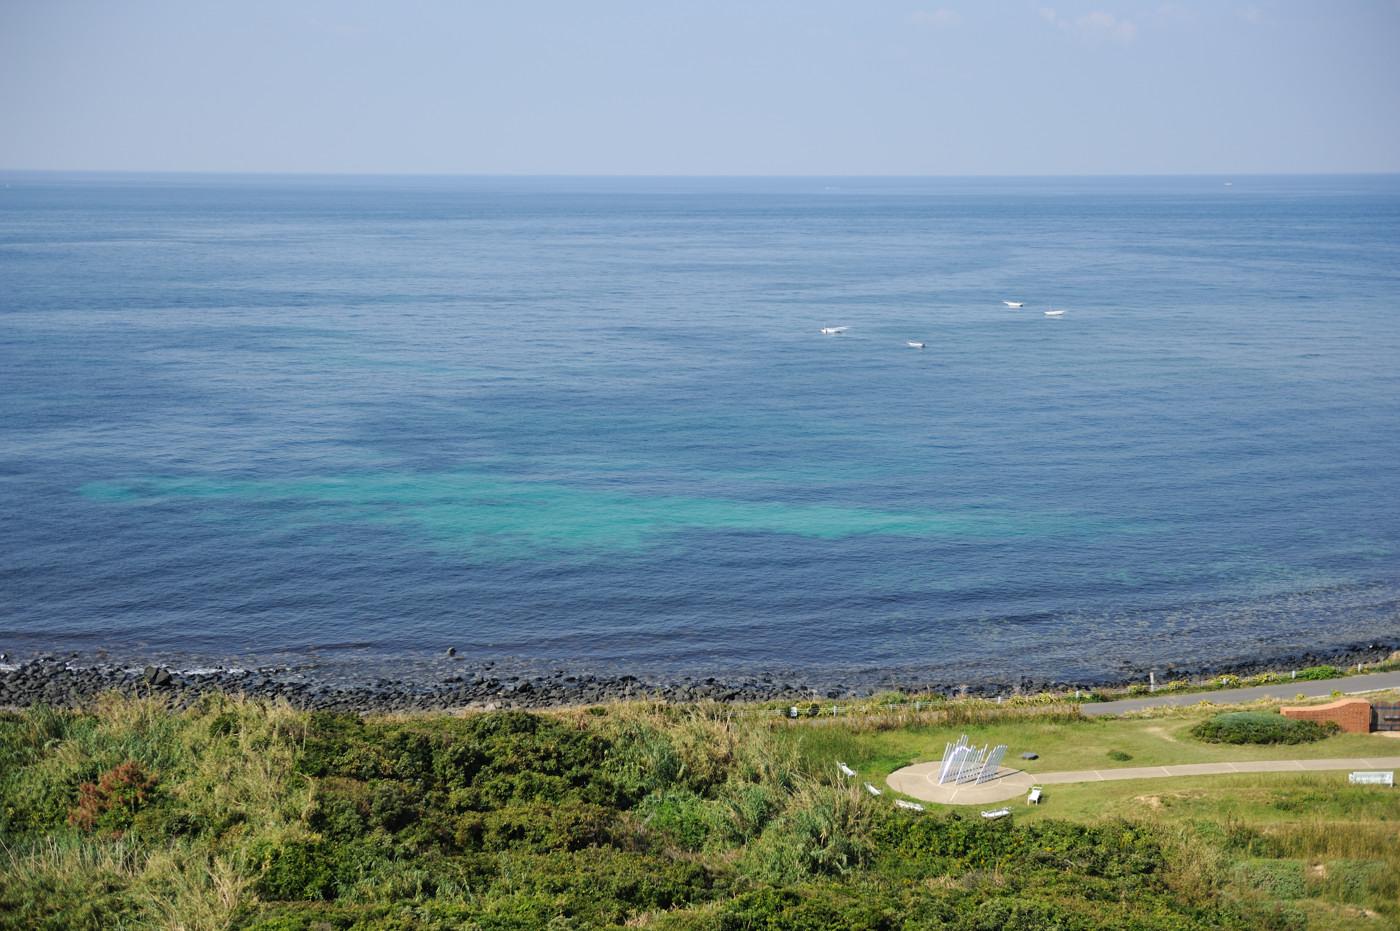 角島灯台からの眺めその2でゲソ